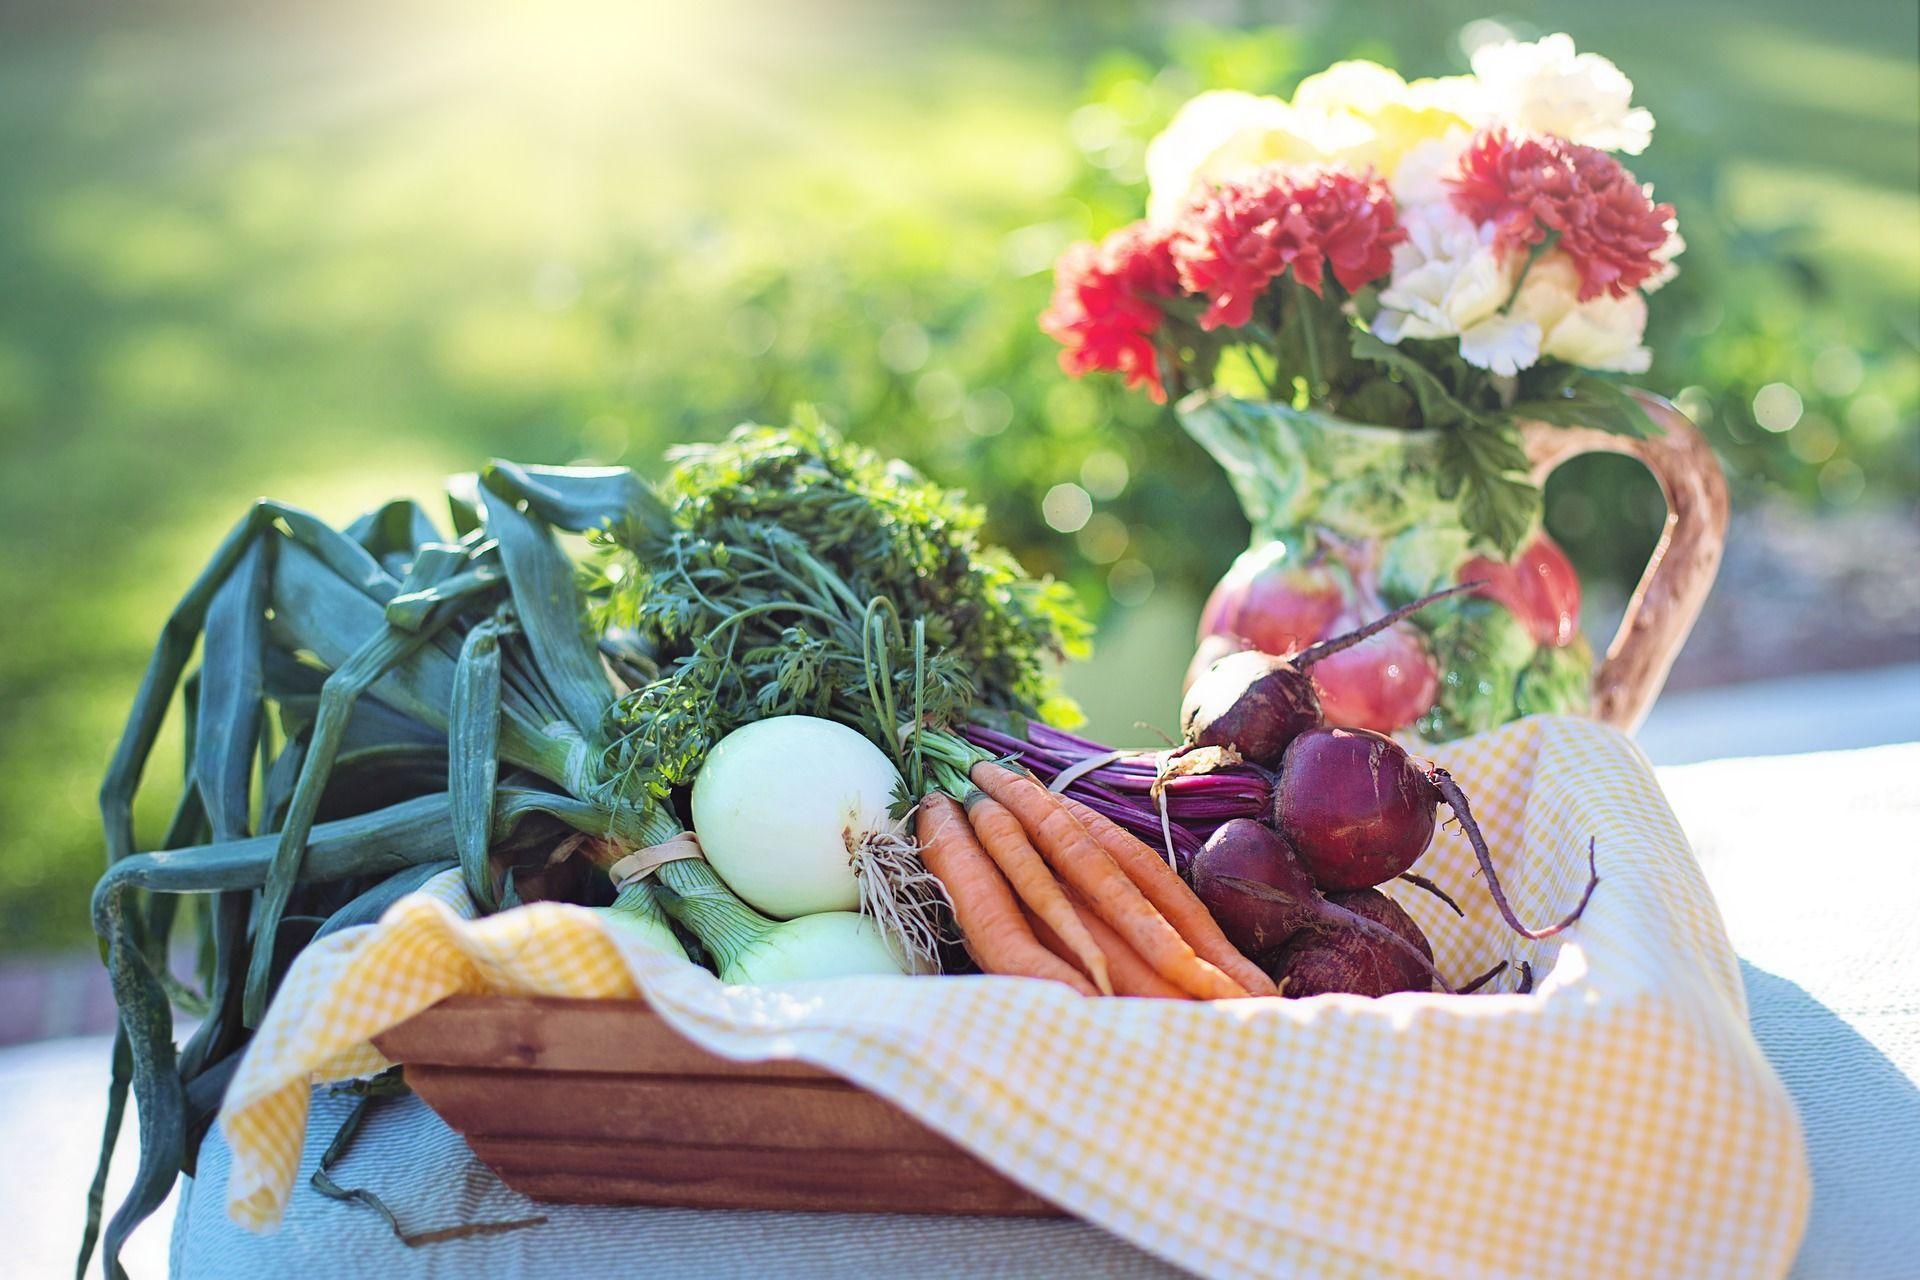 овочі, їж, вегетаріанство, веганство_3